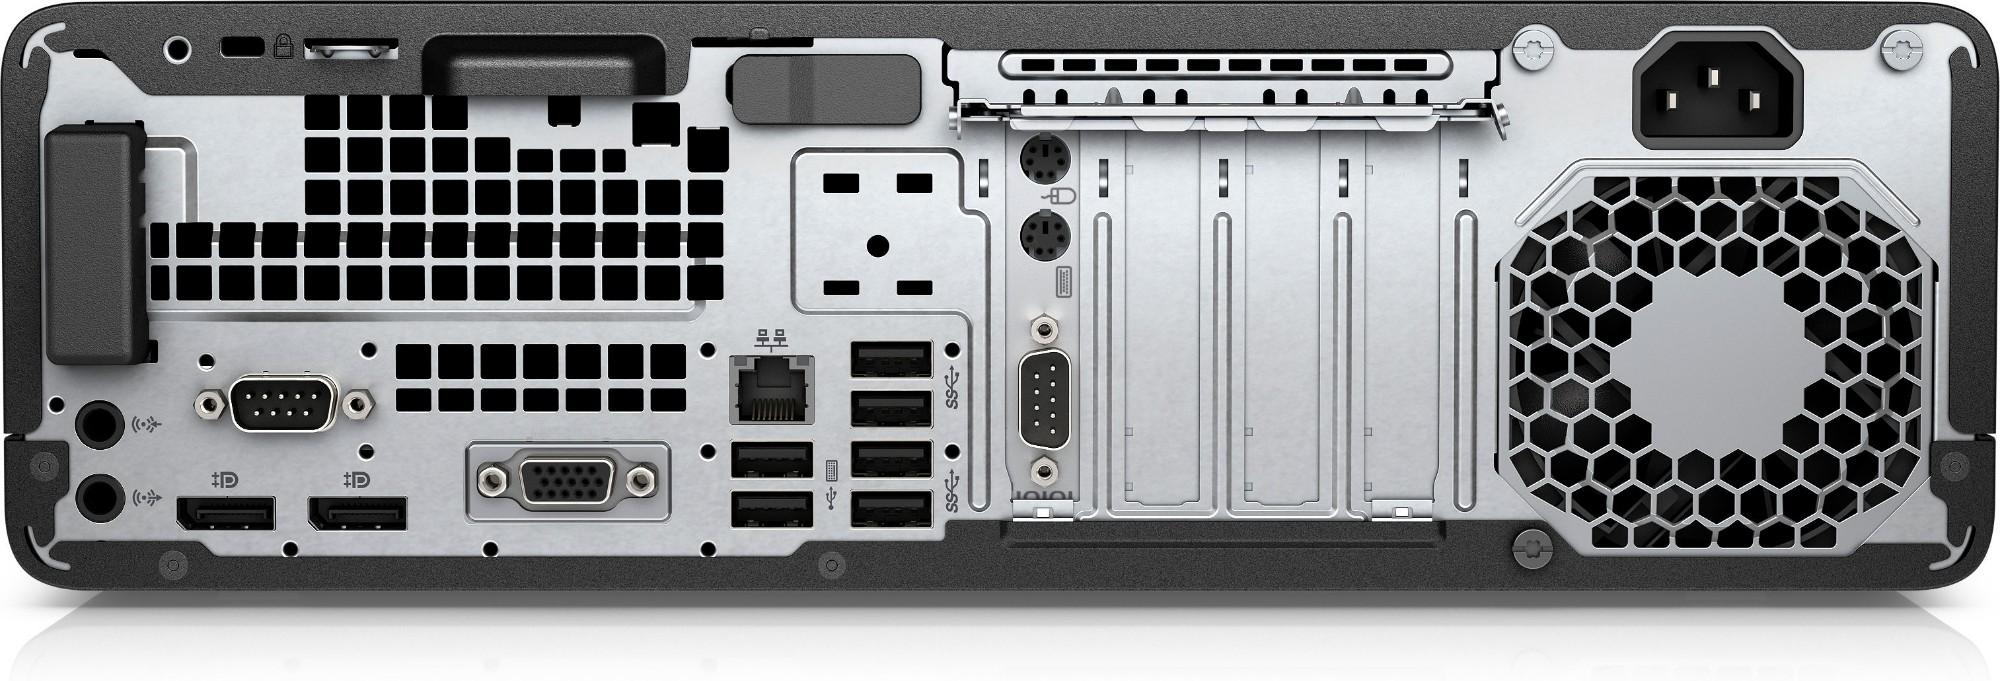 Hp Elitedesk 800 G3 Ethernet Driver